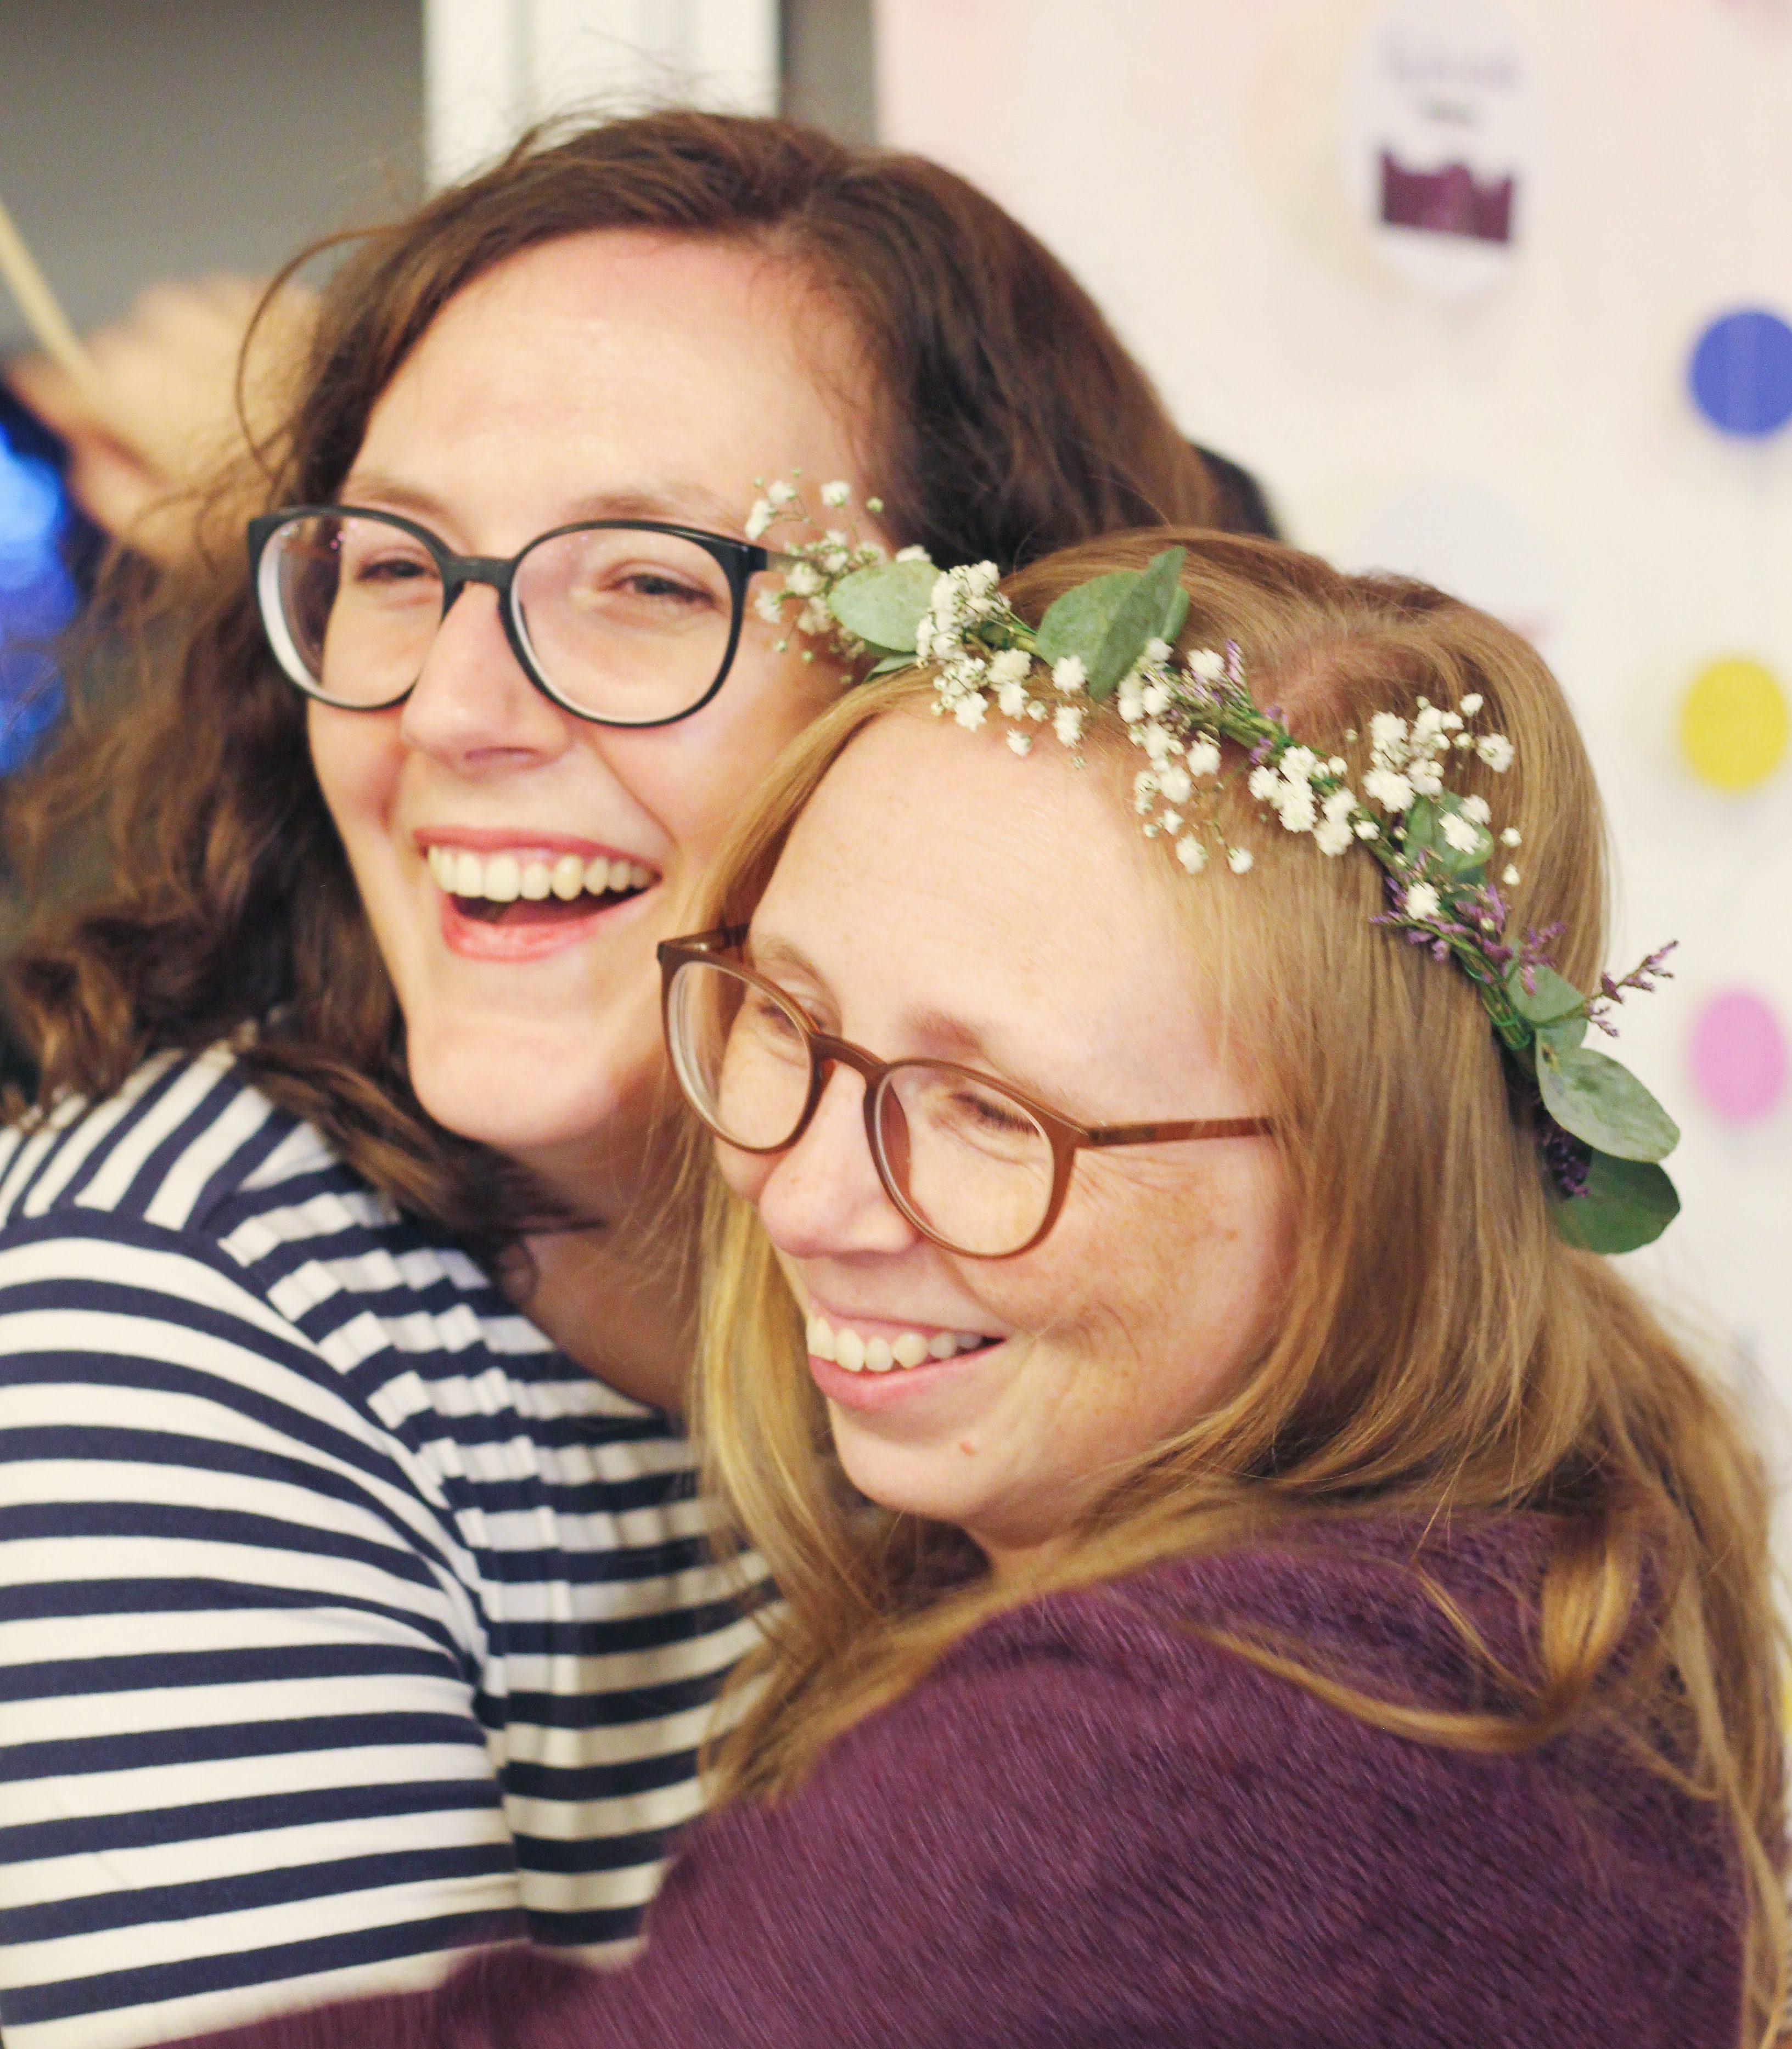 Die beiden Bloggerinnen Janine Binder und Stefanie Feierabend vom Frickelpodcast vor einer Fotowand beim Tag der Wolle in Freiburg.